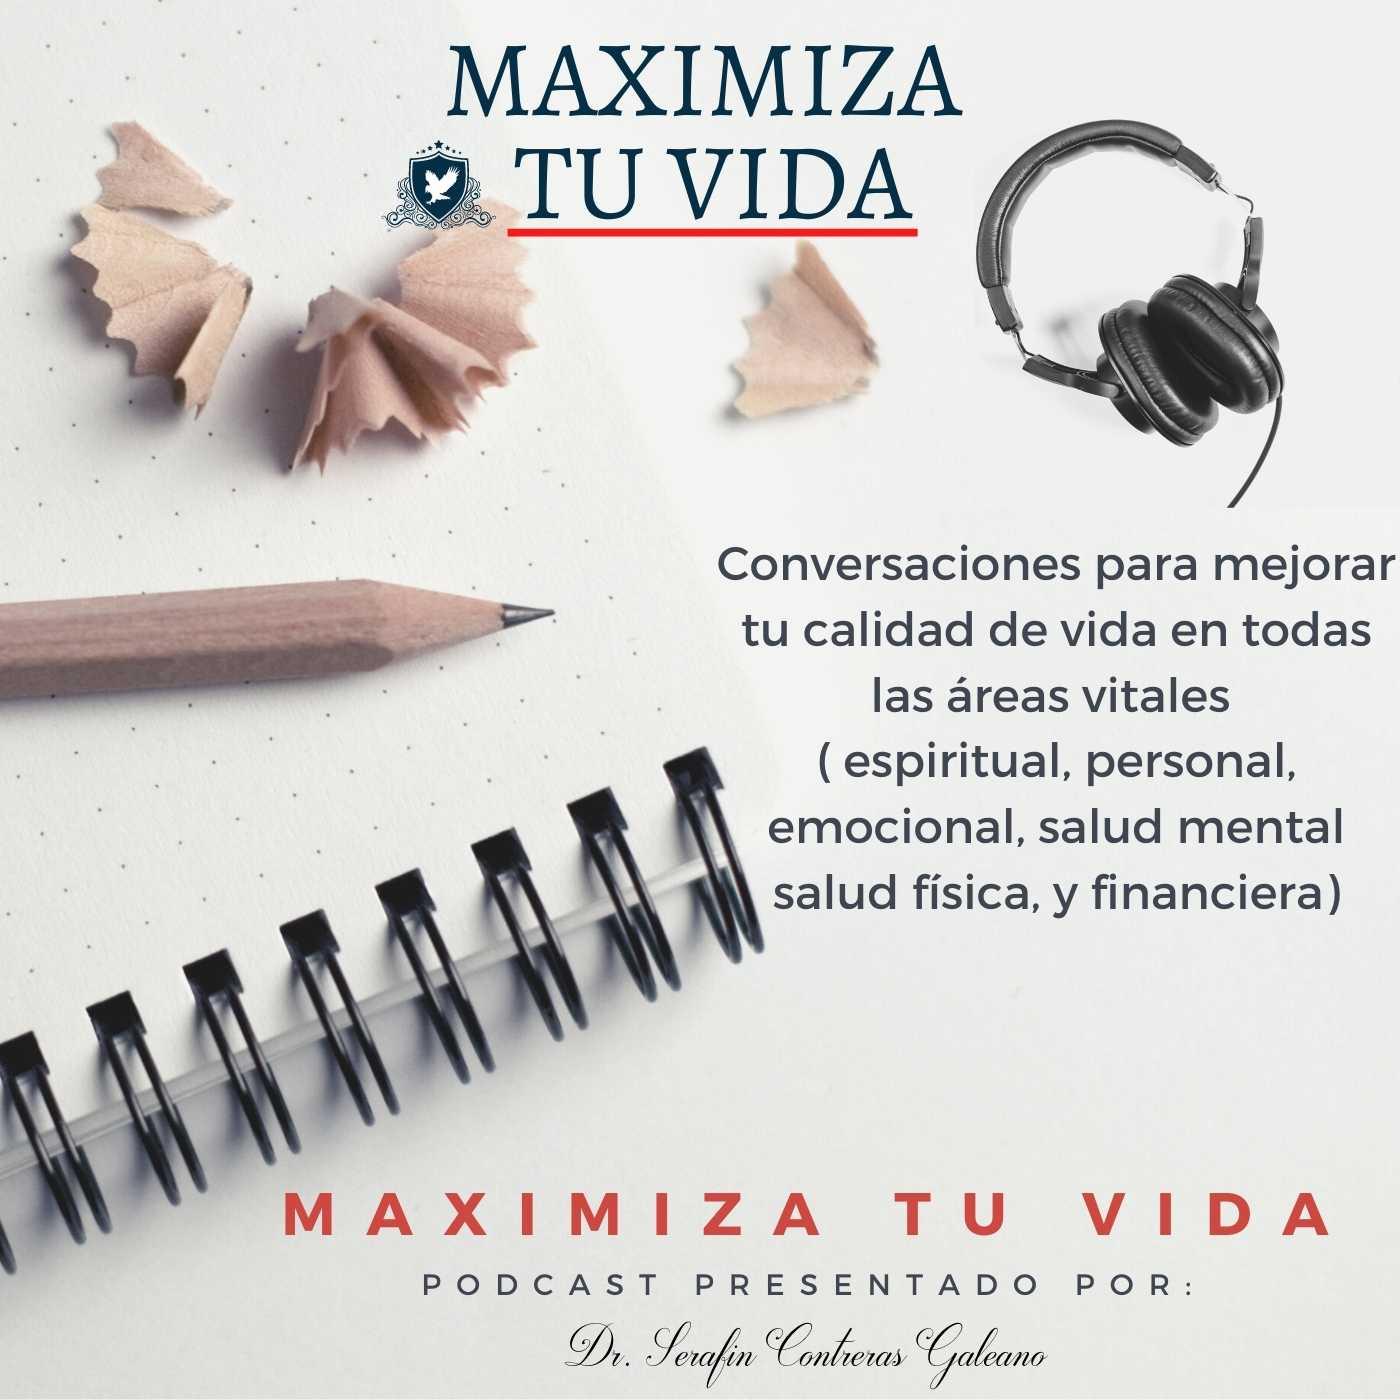 Maximizatuvida.com